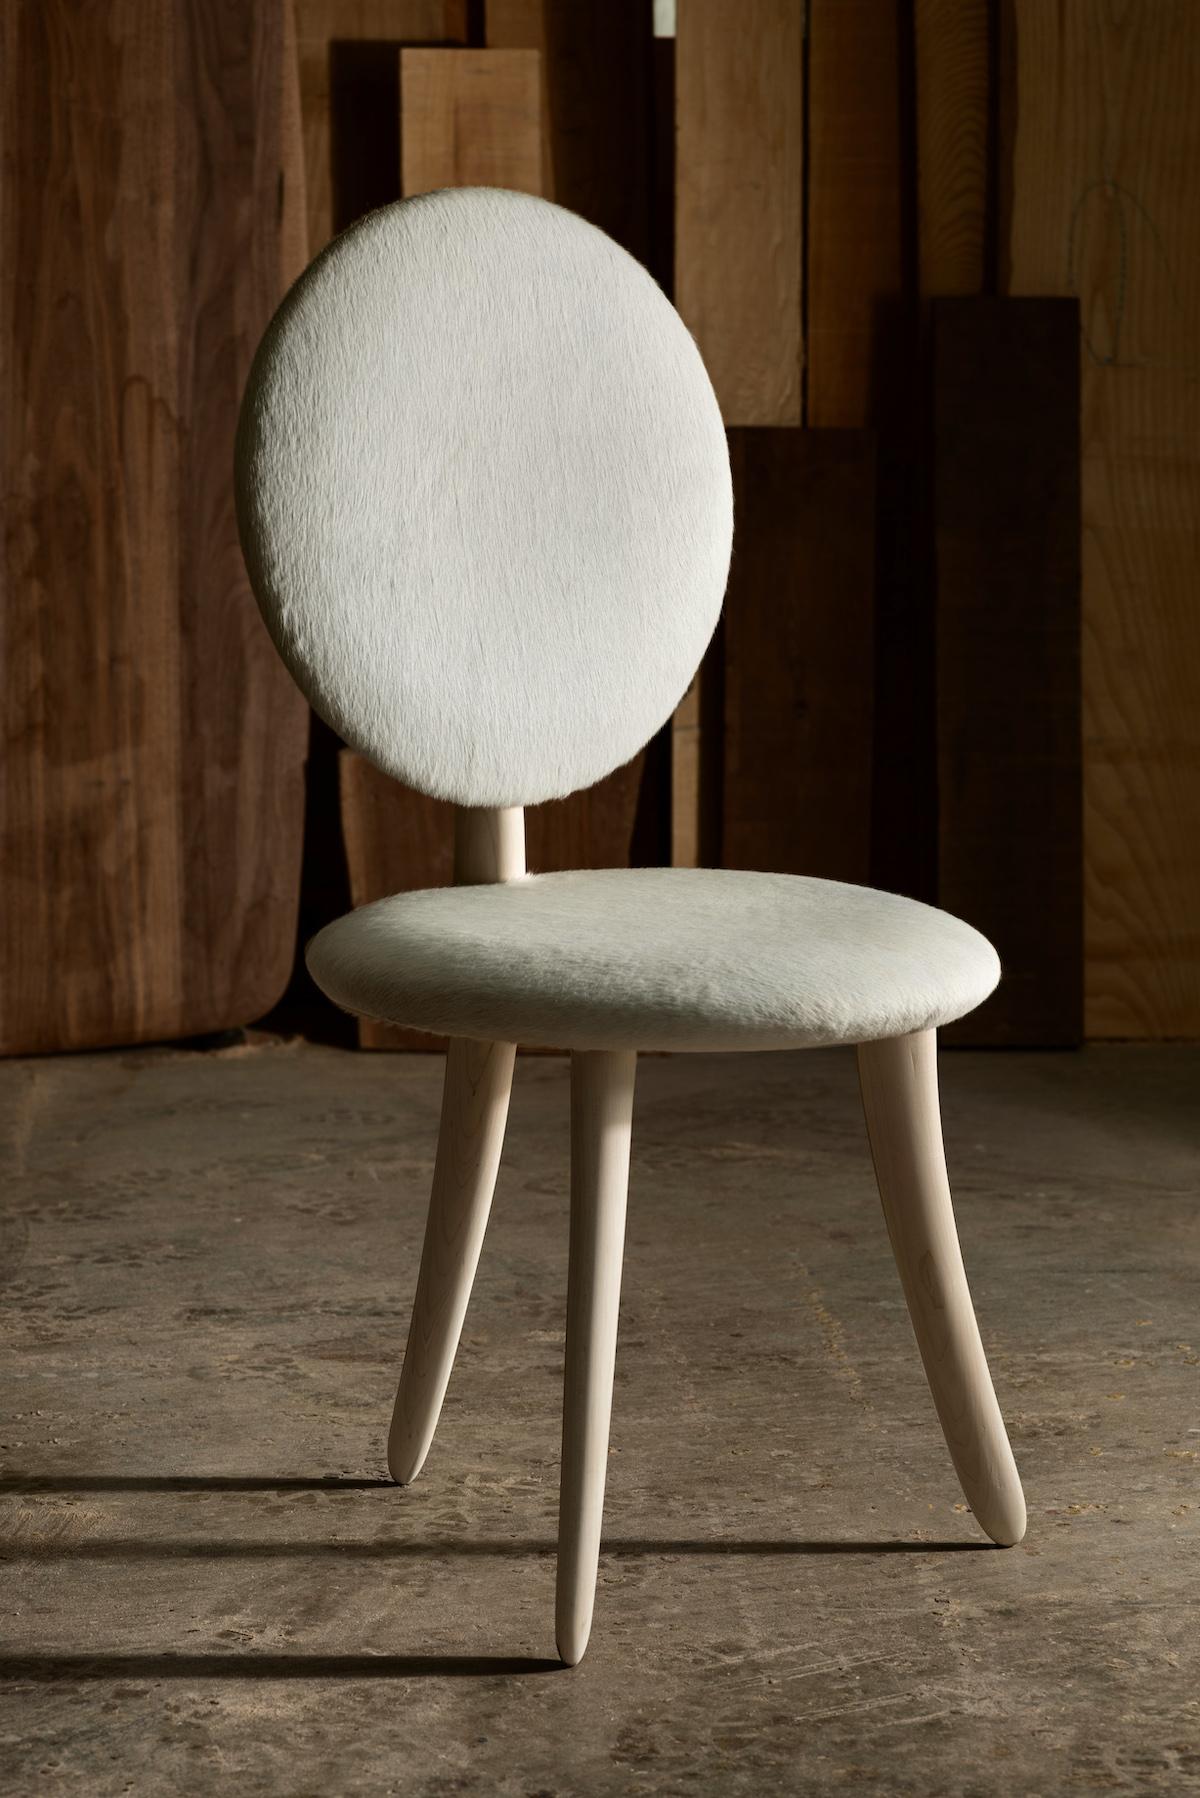 Willa's Chair by artist Christopher Kurtz